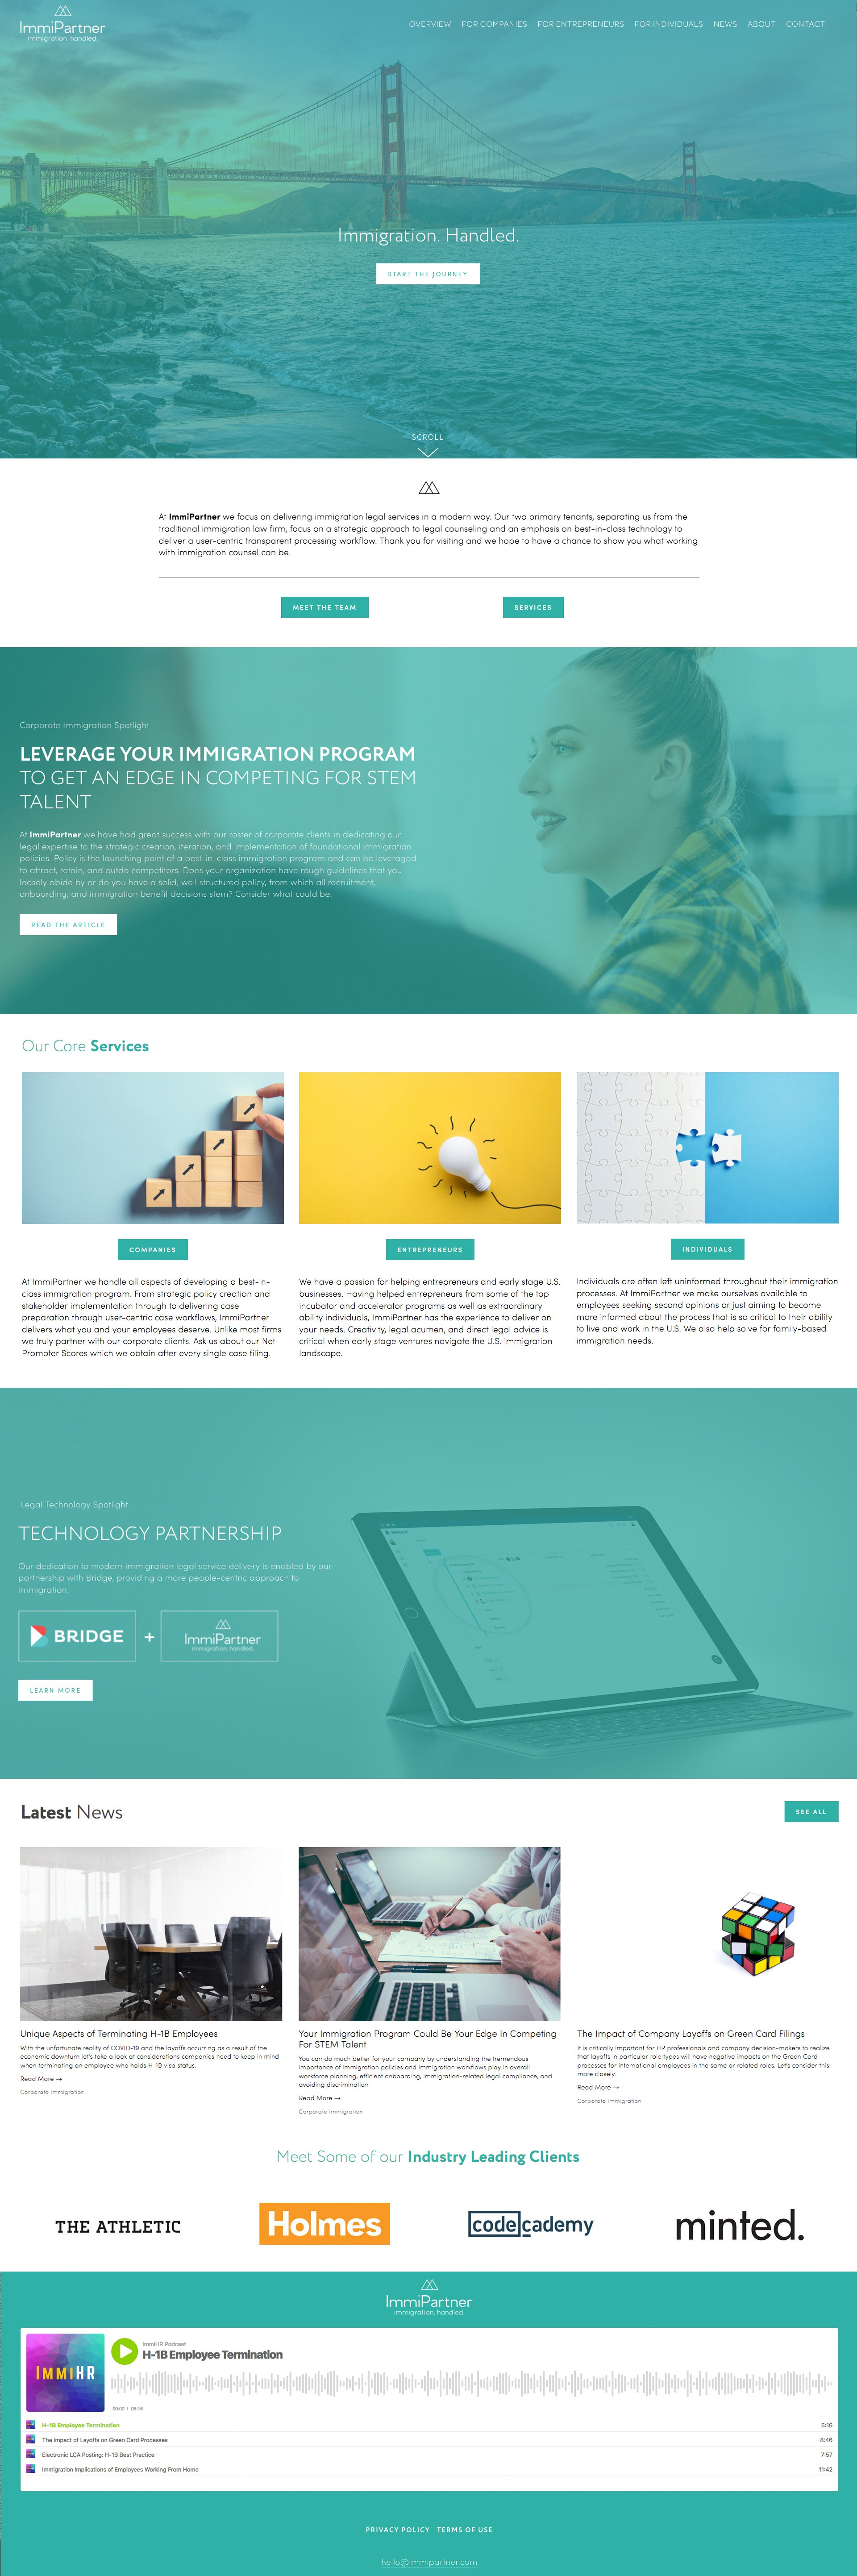 ImmiPartner Website Revamp